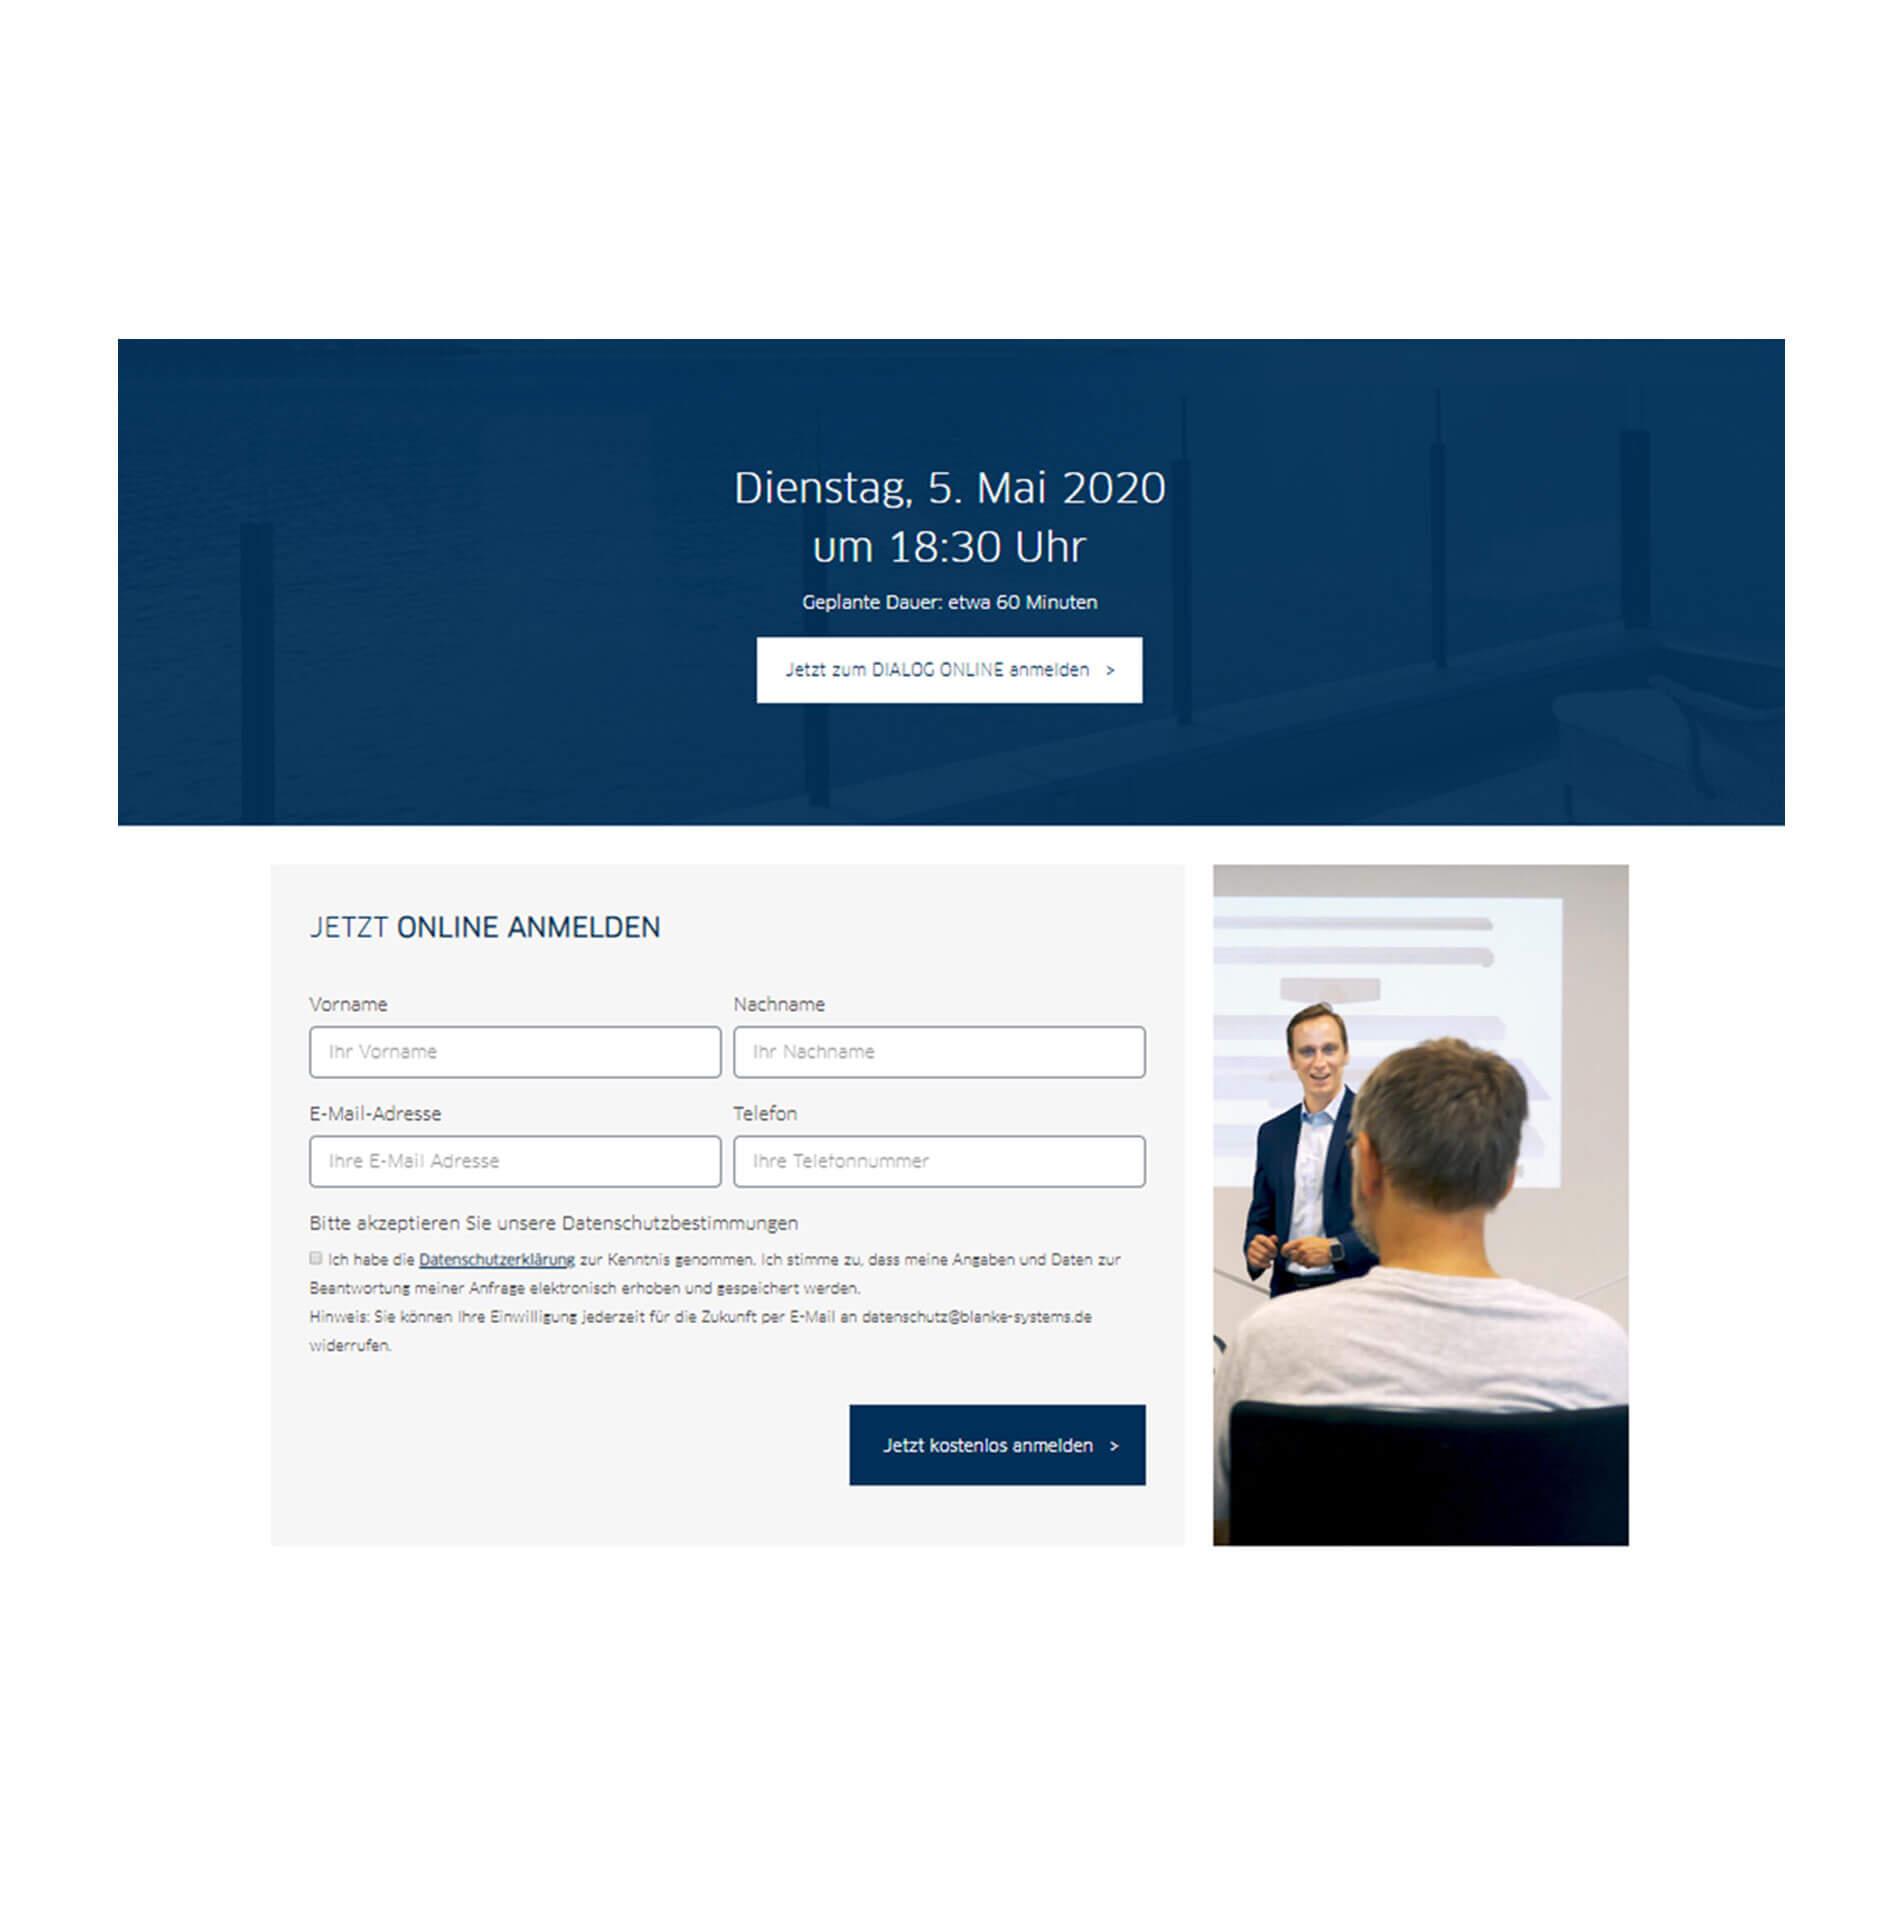 webinarverwaltung_online_anmeldung